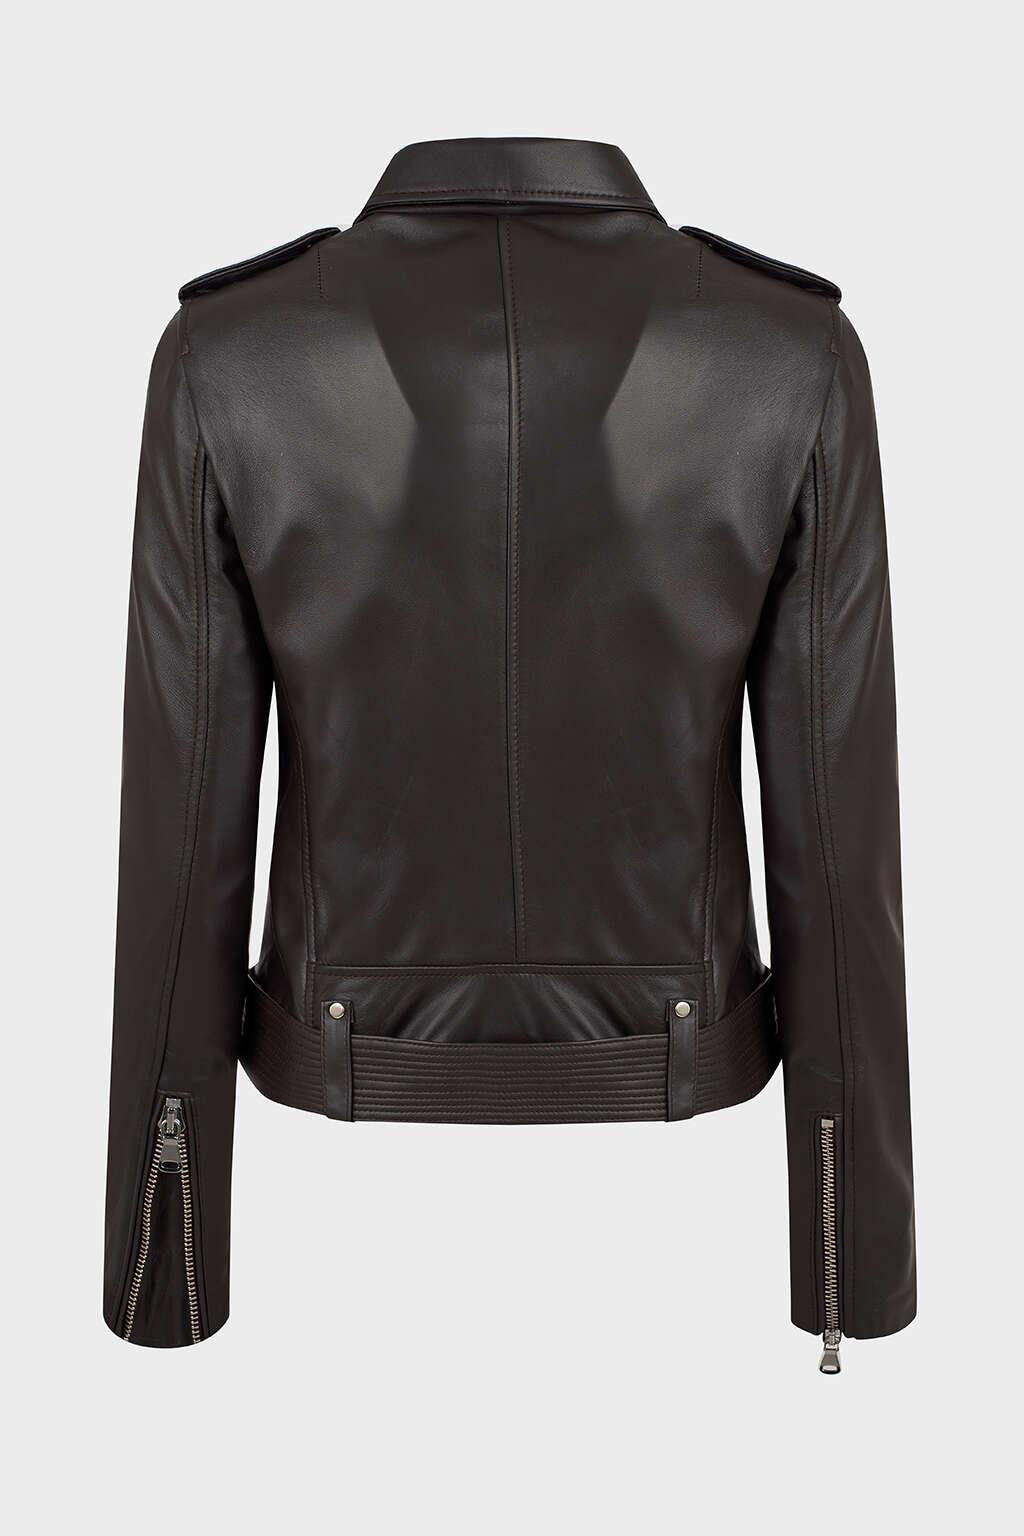 Back of Matte Black Leather Biker Jacket with Buckle